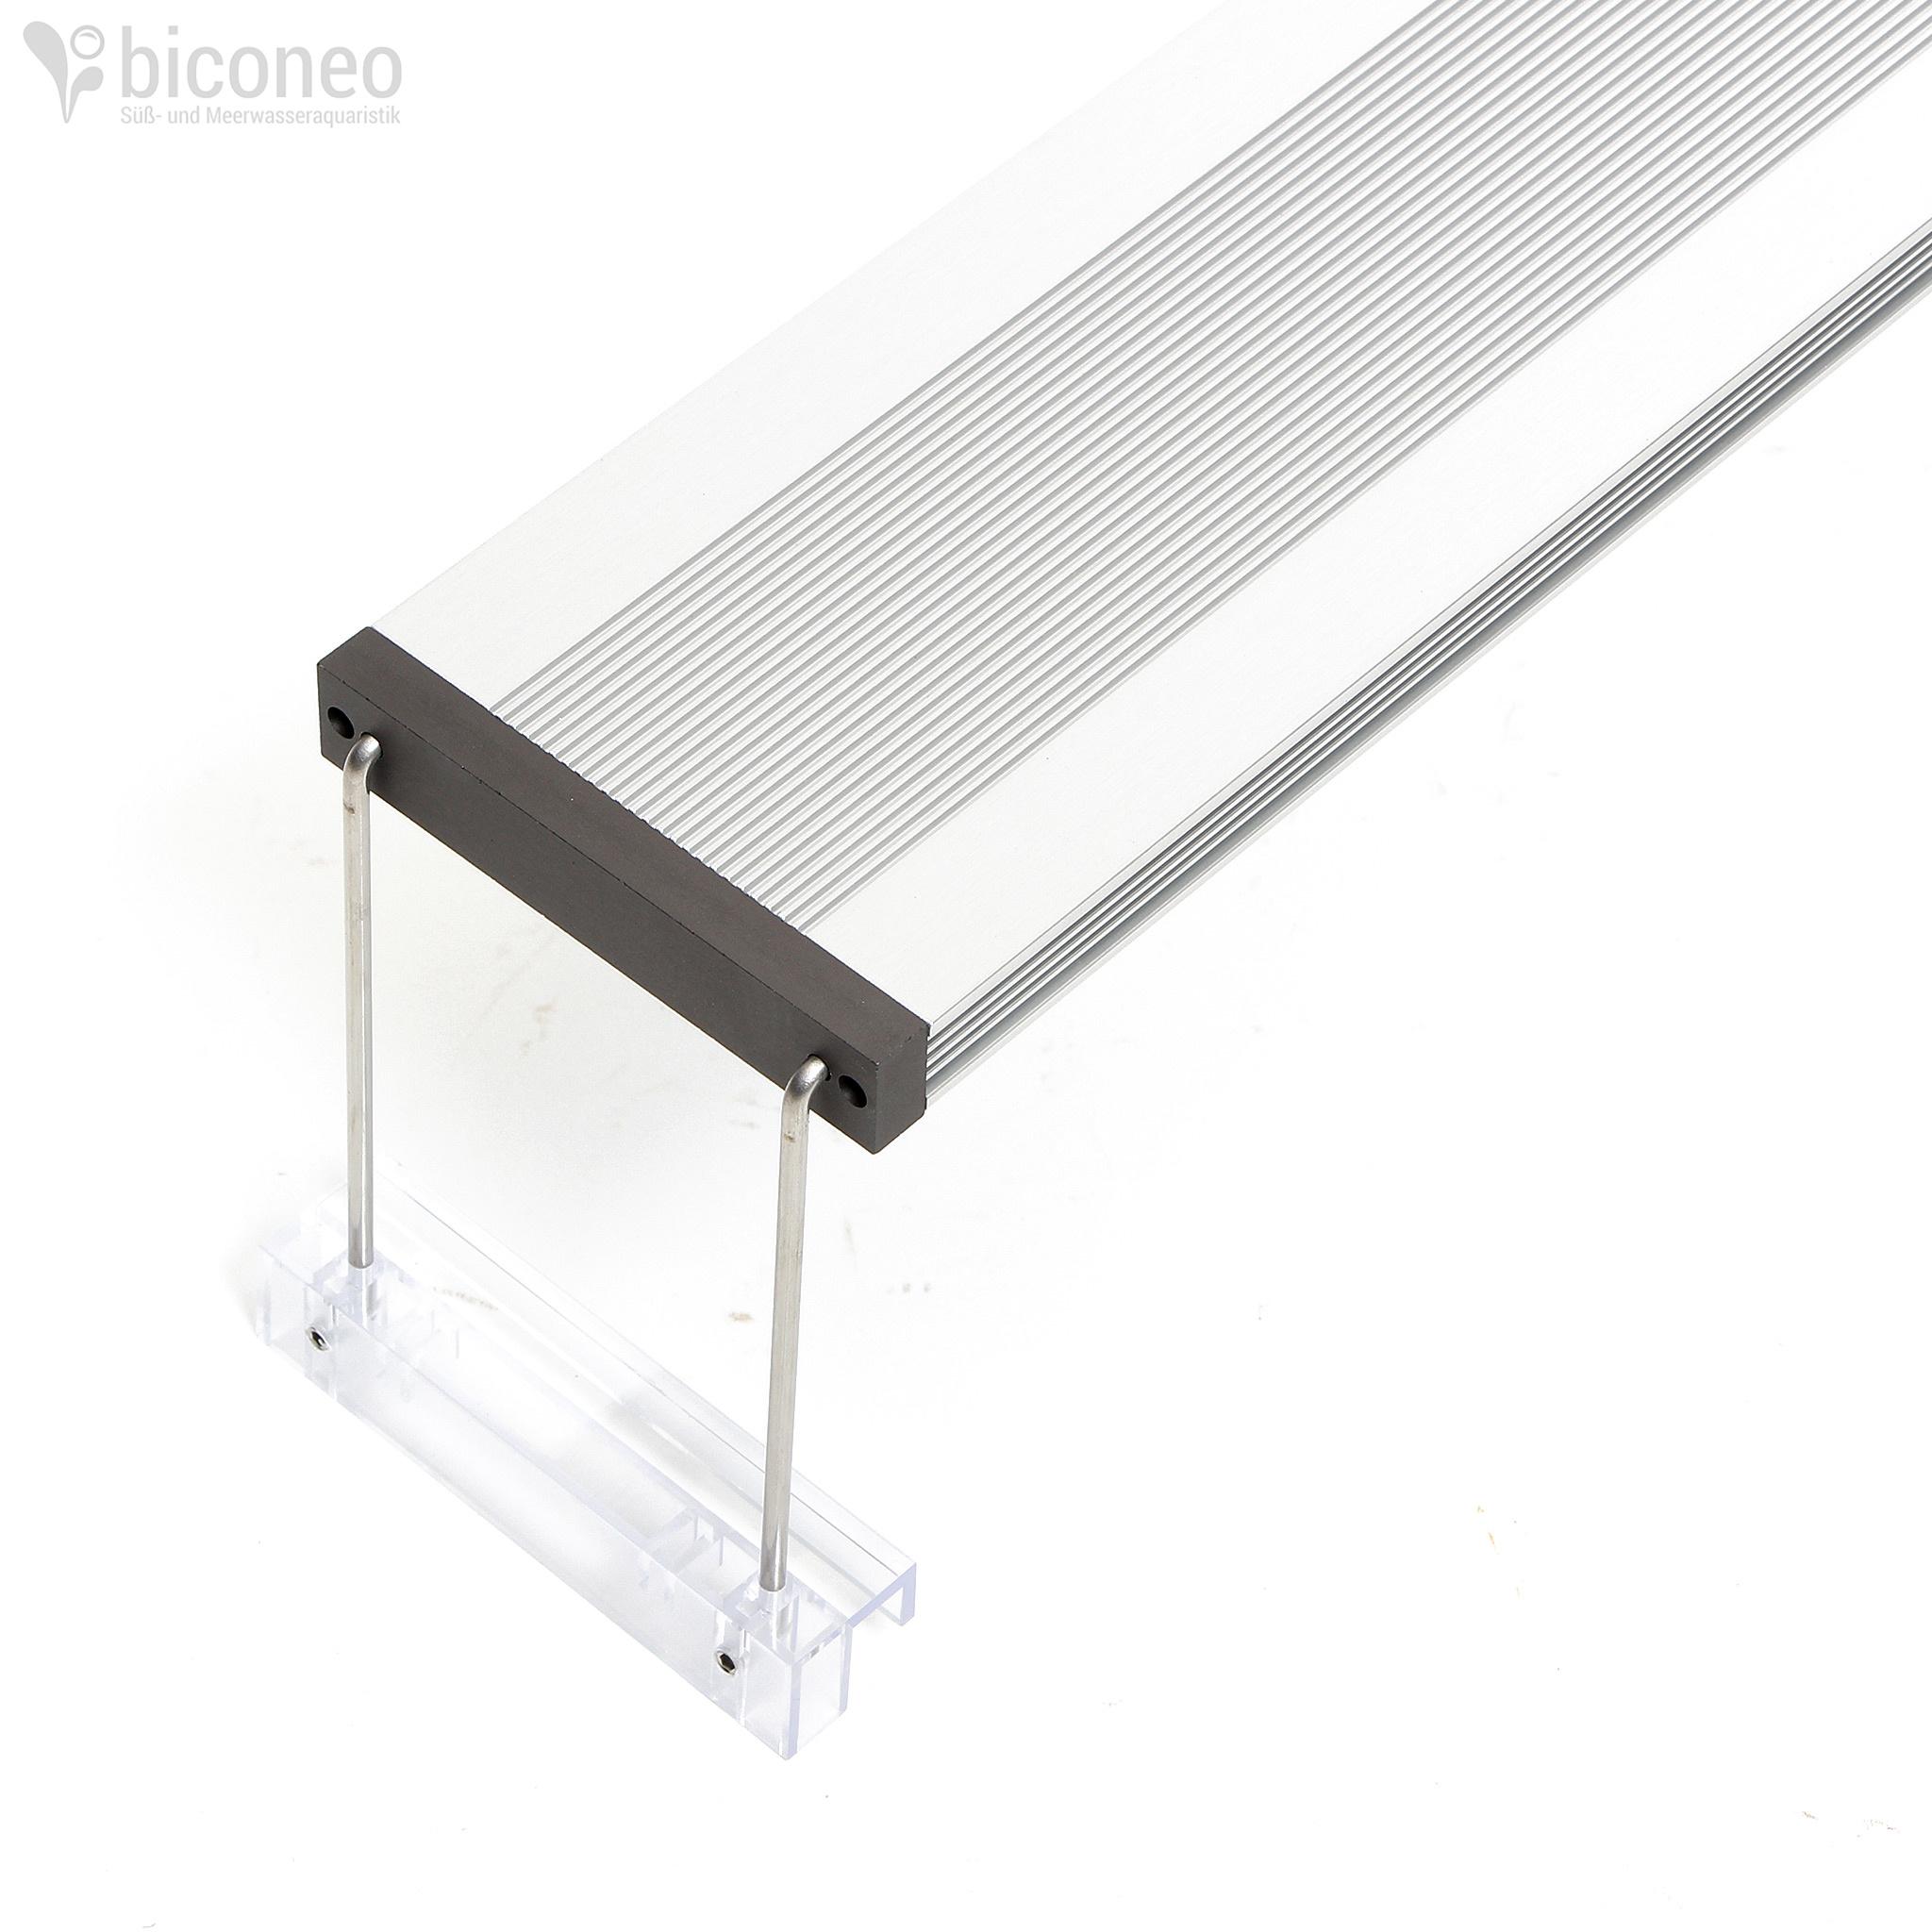 twinstar light 300c und 600c effiziente led aquarium beleuchtung bei biconeo. Black Bedroom Furniture Sets. Home Design Ideas